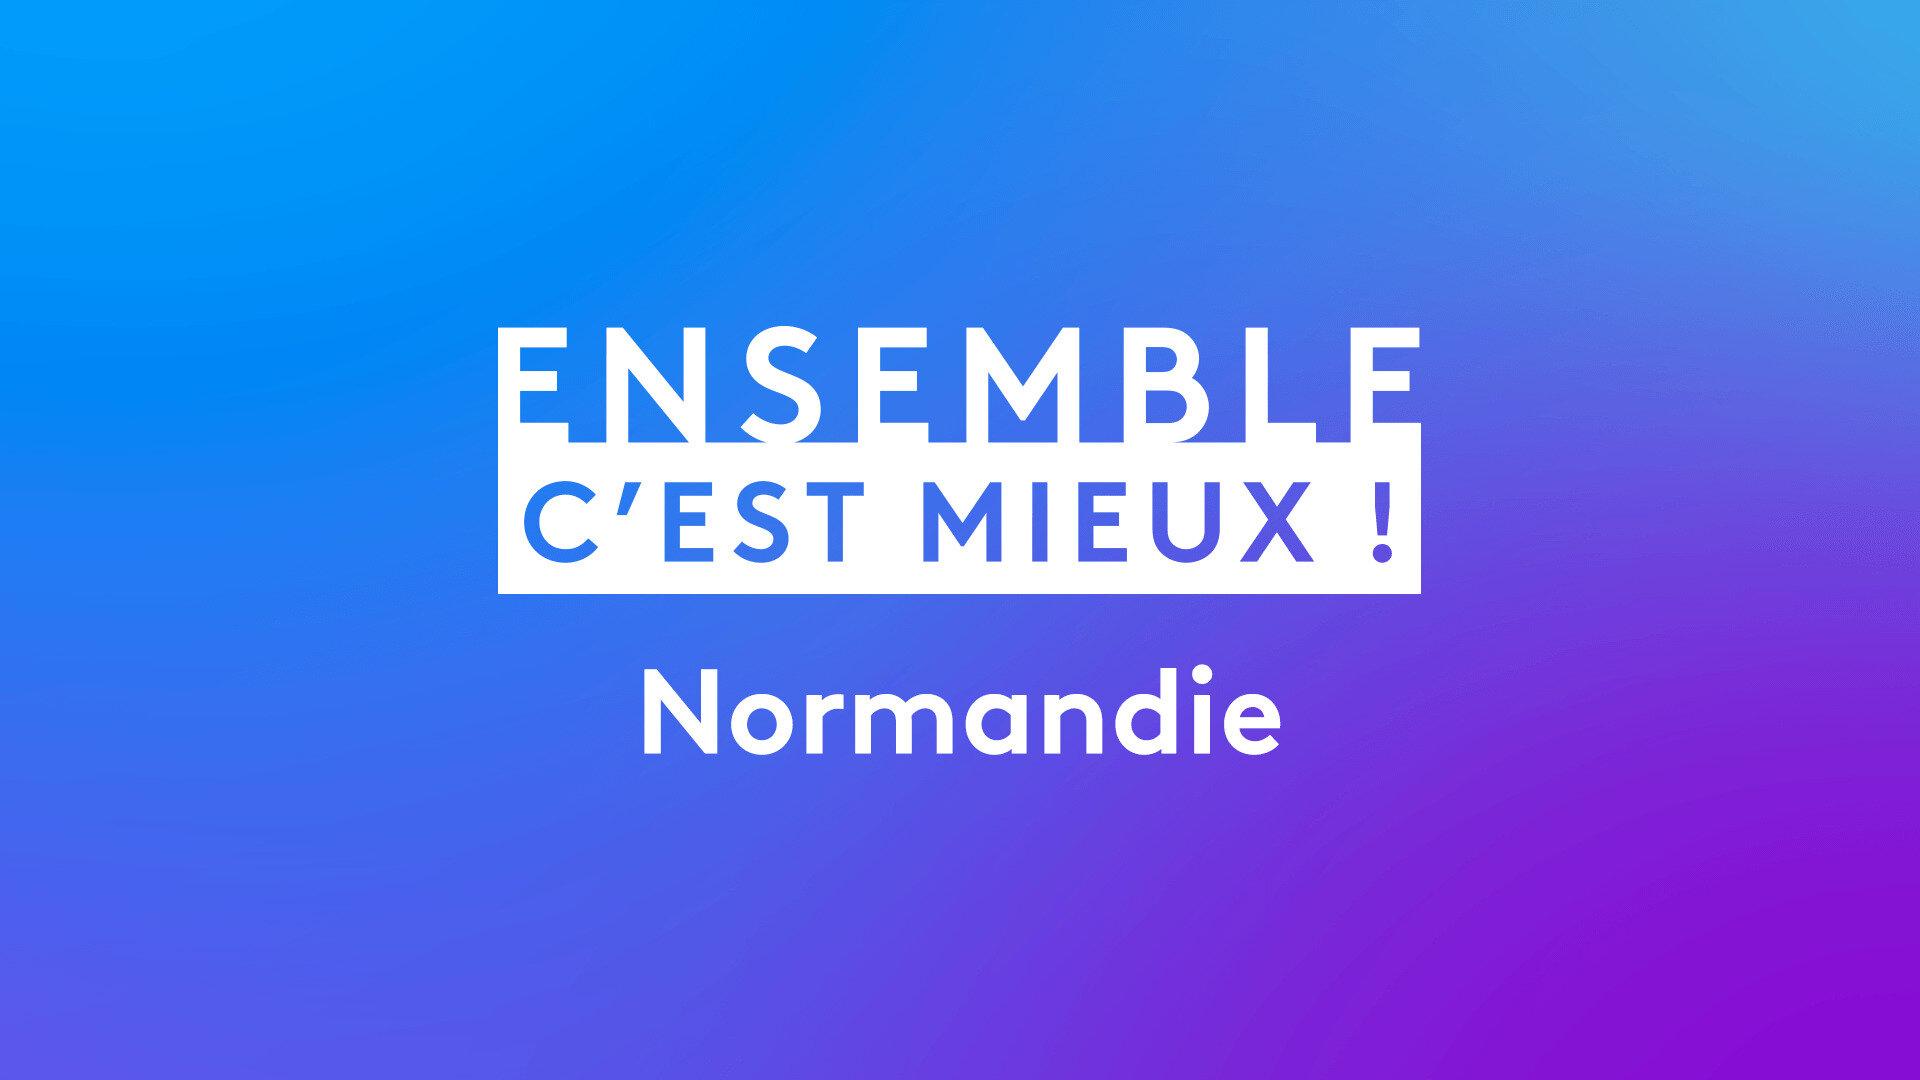 Ensemble c'est mieux ! Normandie : Les griculteurs normands et particulièrement la nouvelle génération qui prendra la relève.